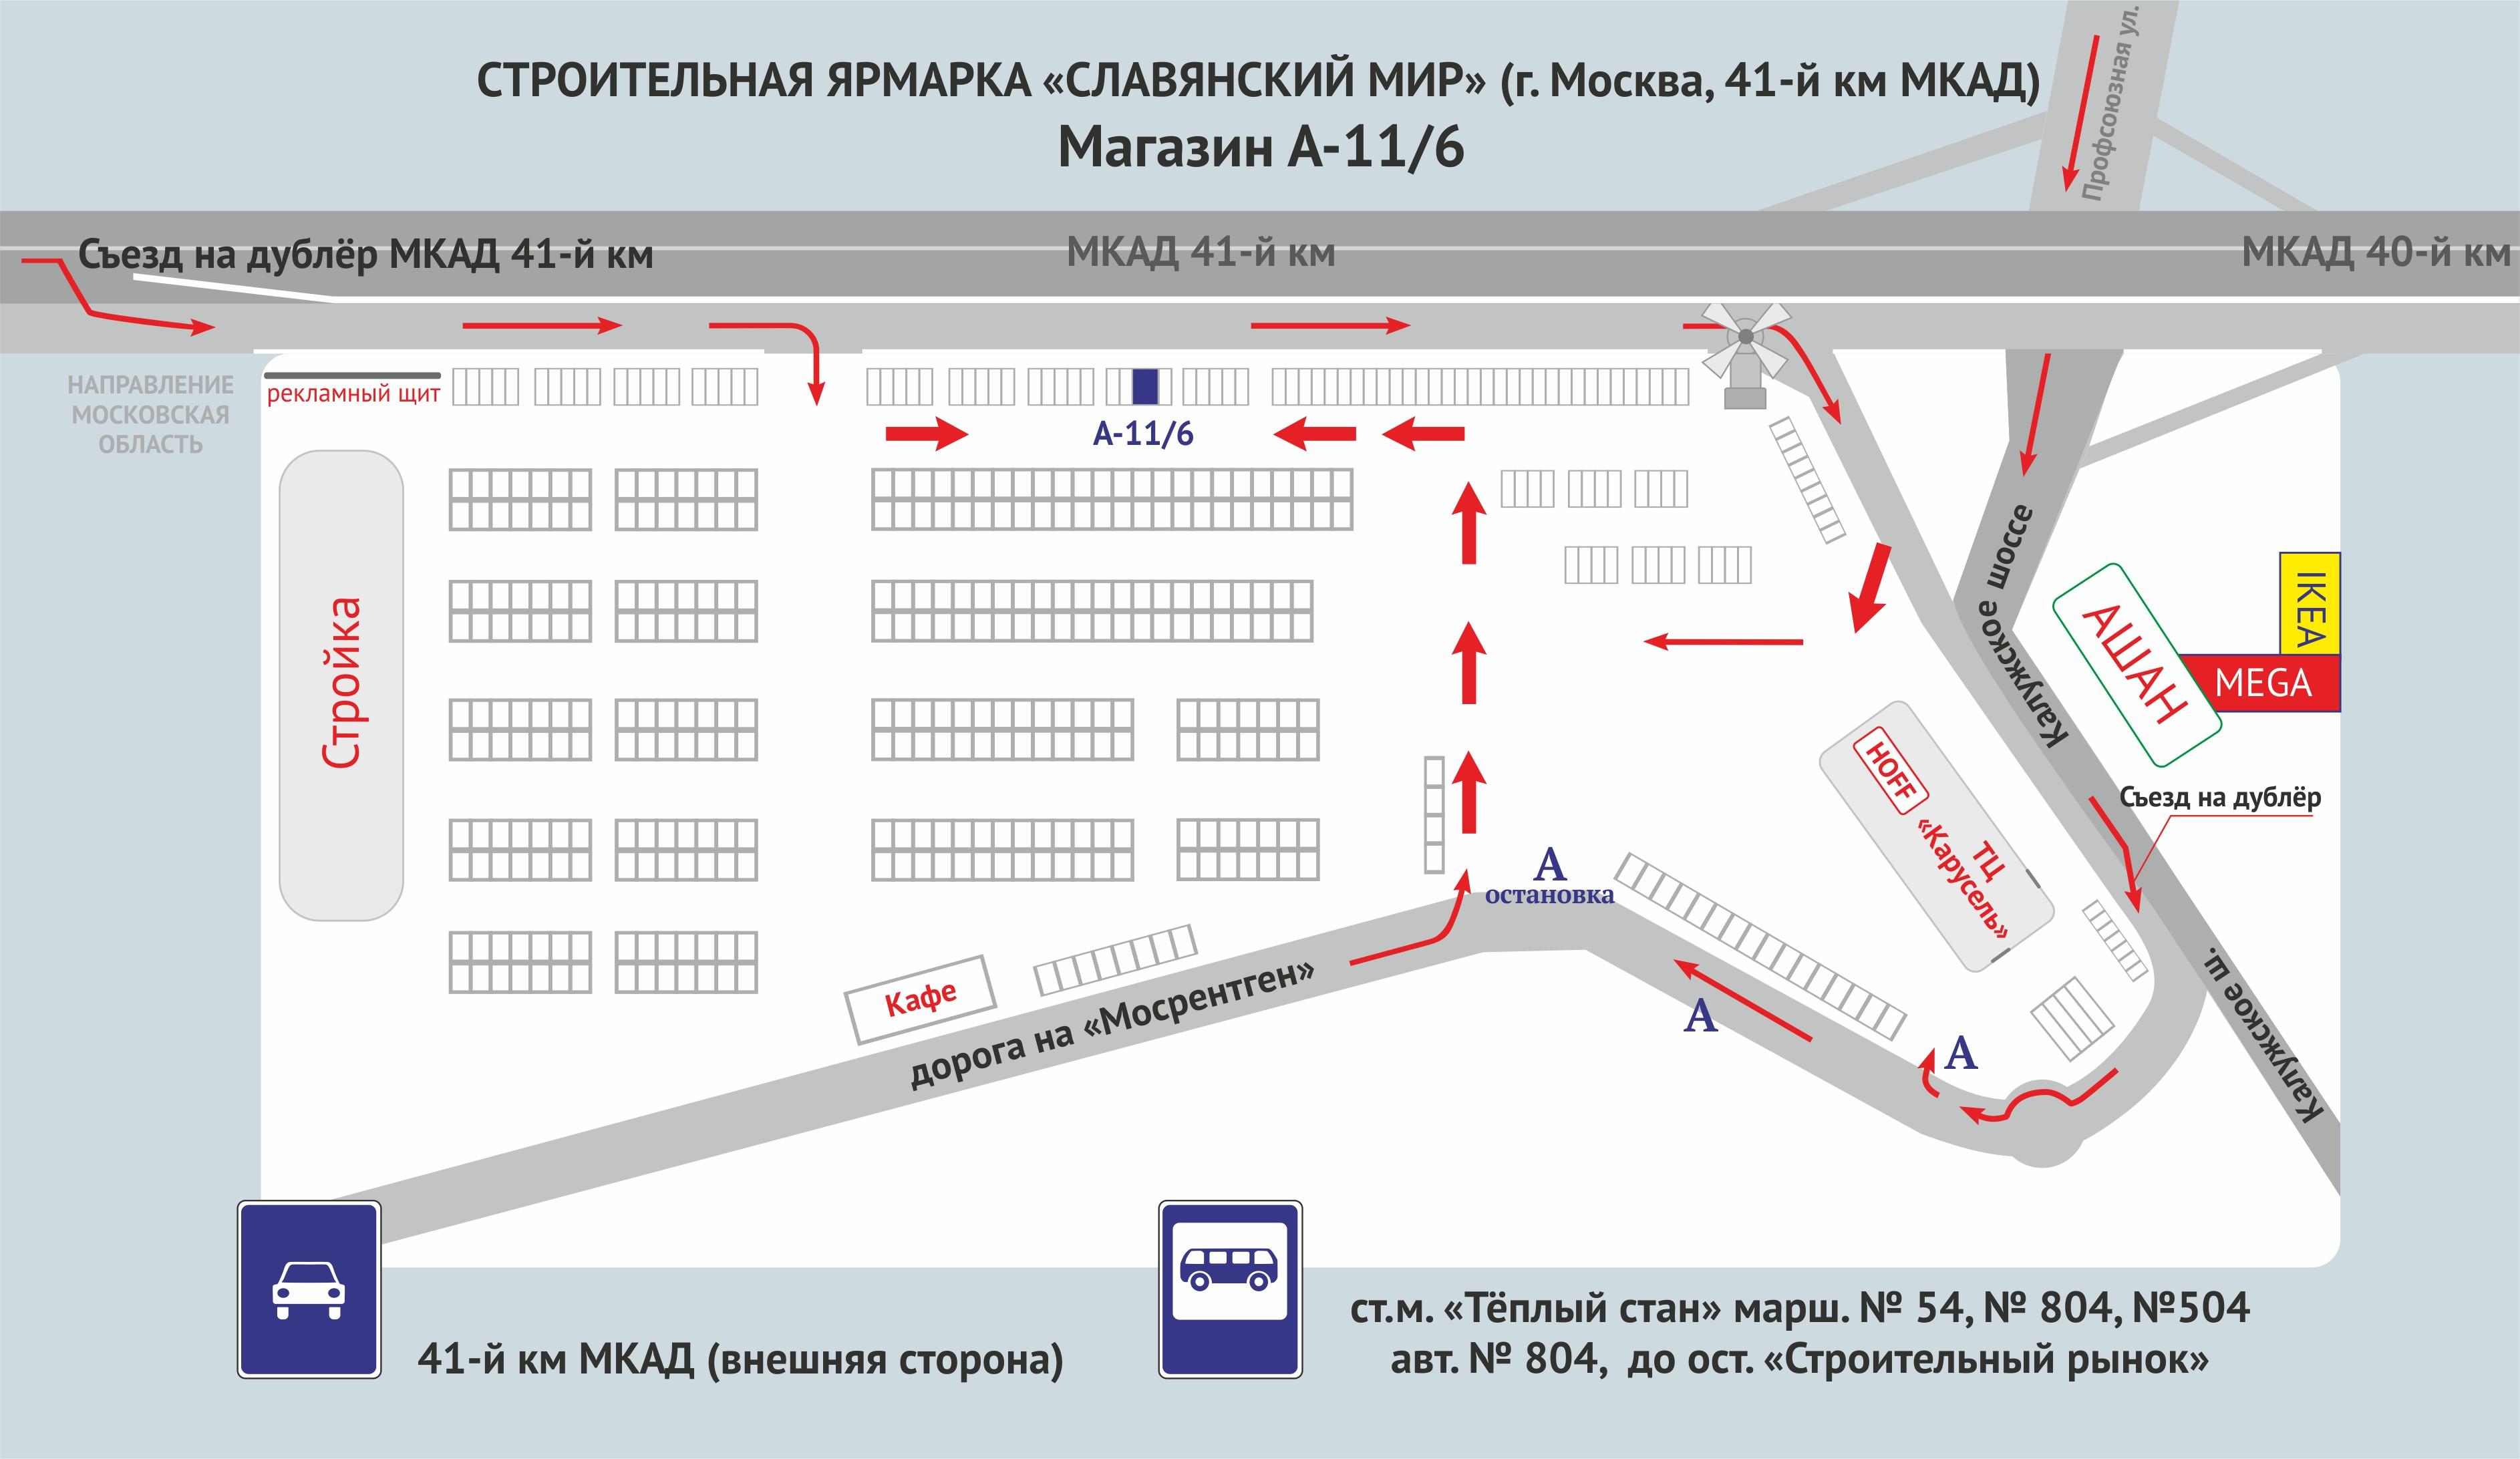 Схема рынка славянского мира